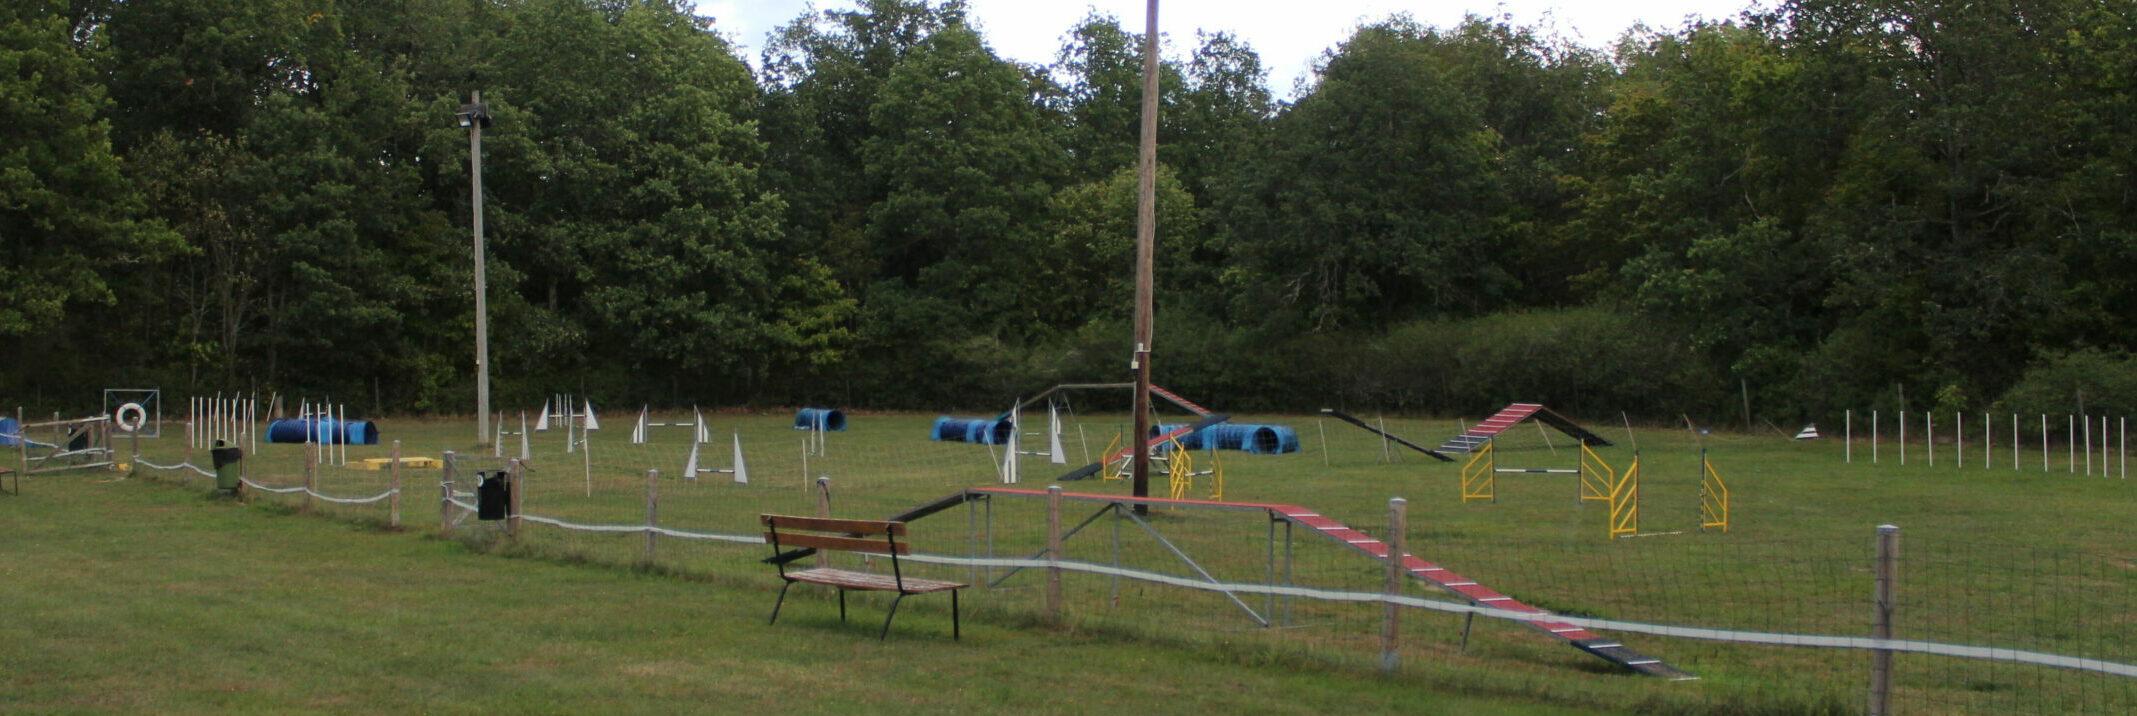 Klubben agilityplan